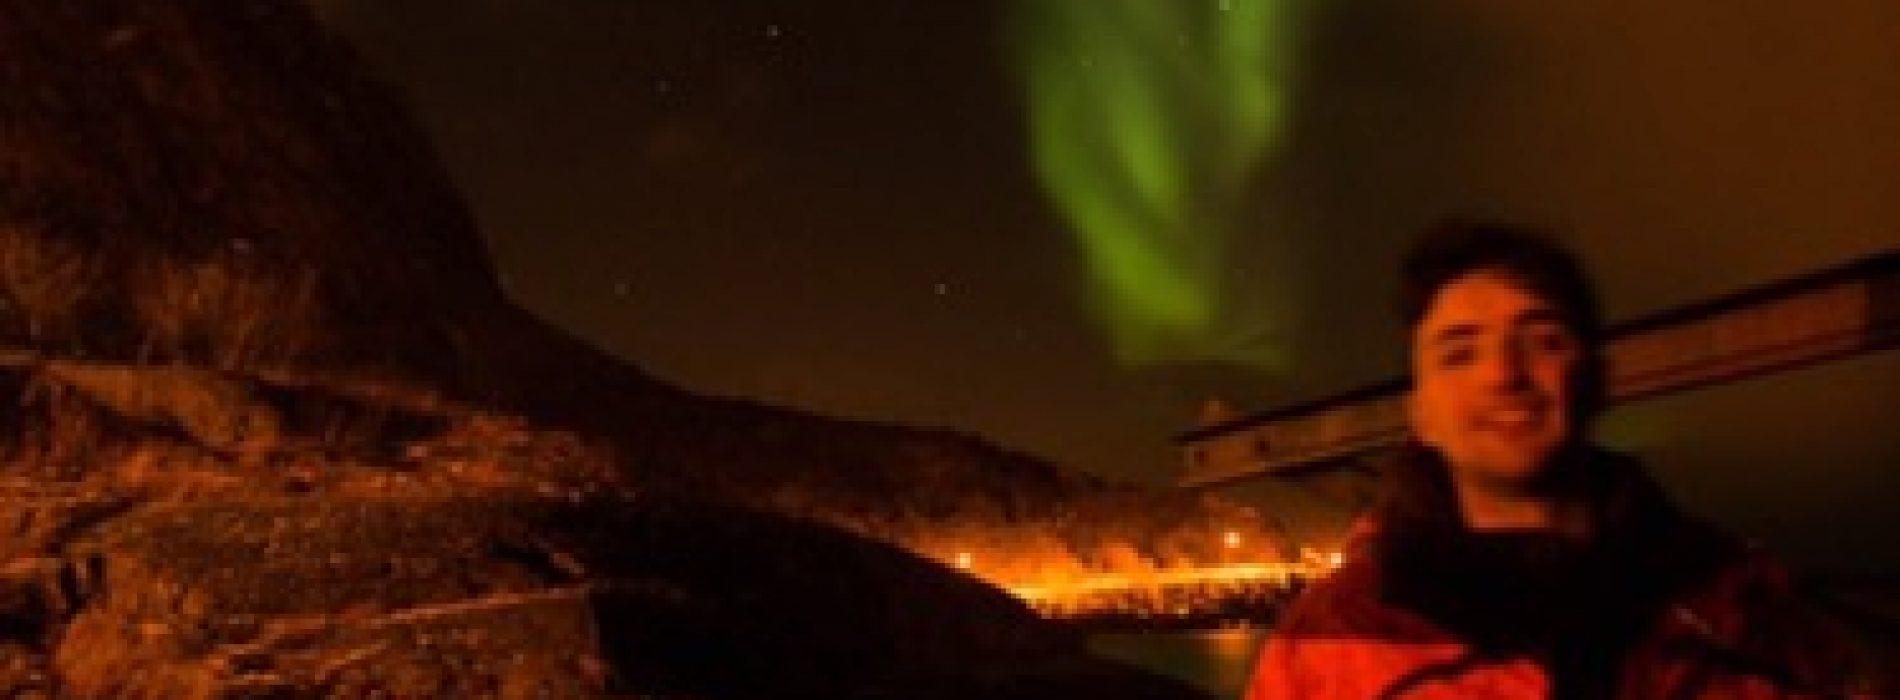 Kuzey Işıkları İçin Norveç Tavsiyeleri